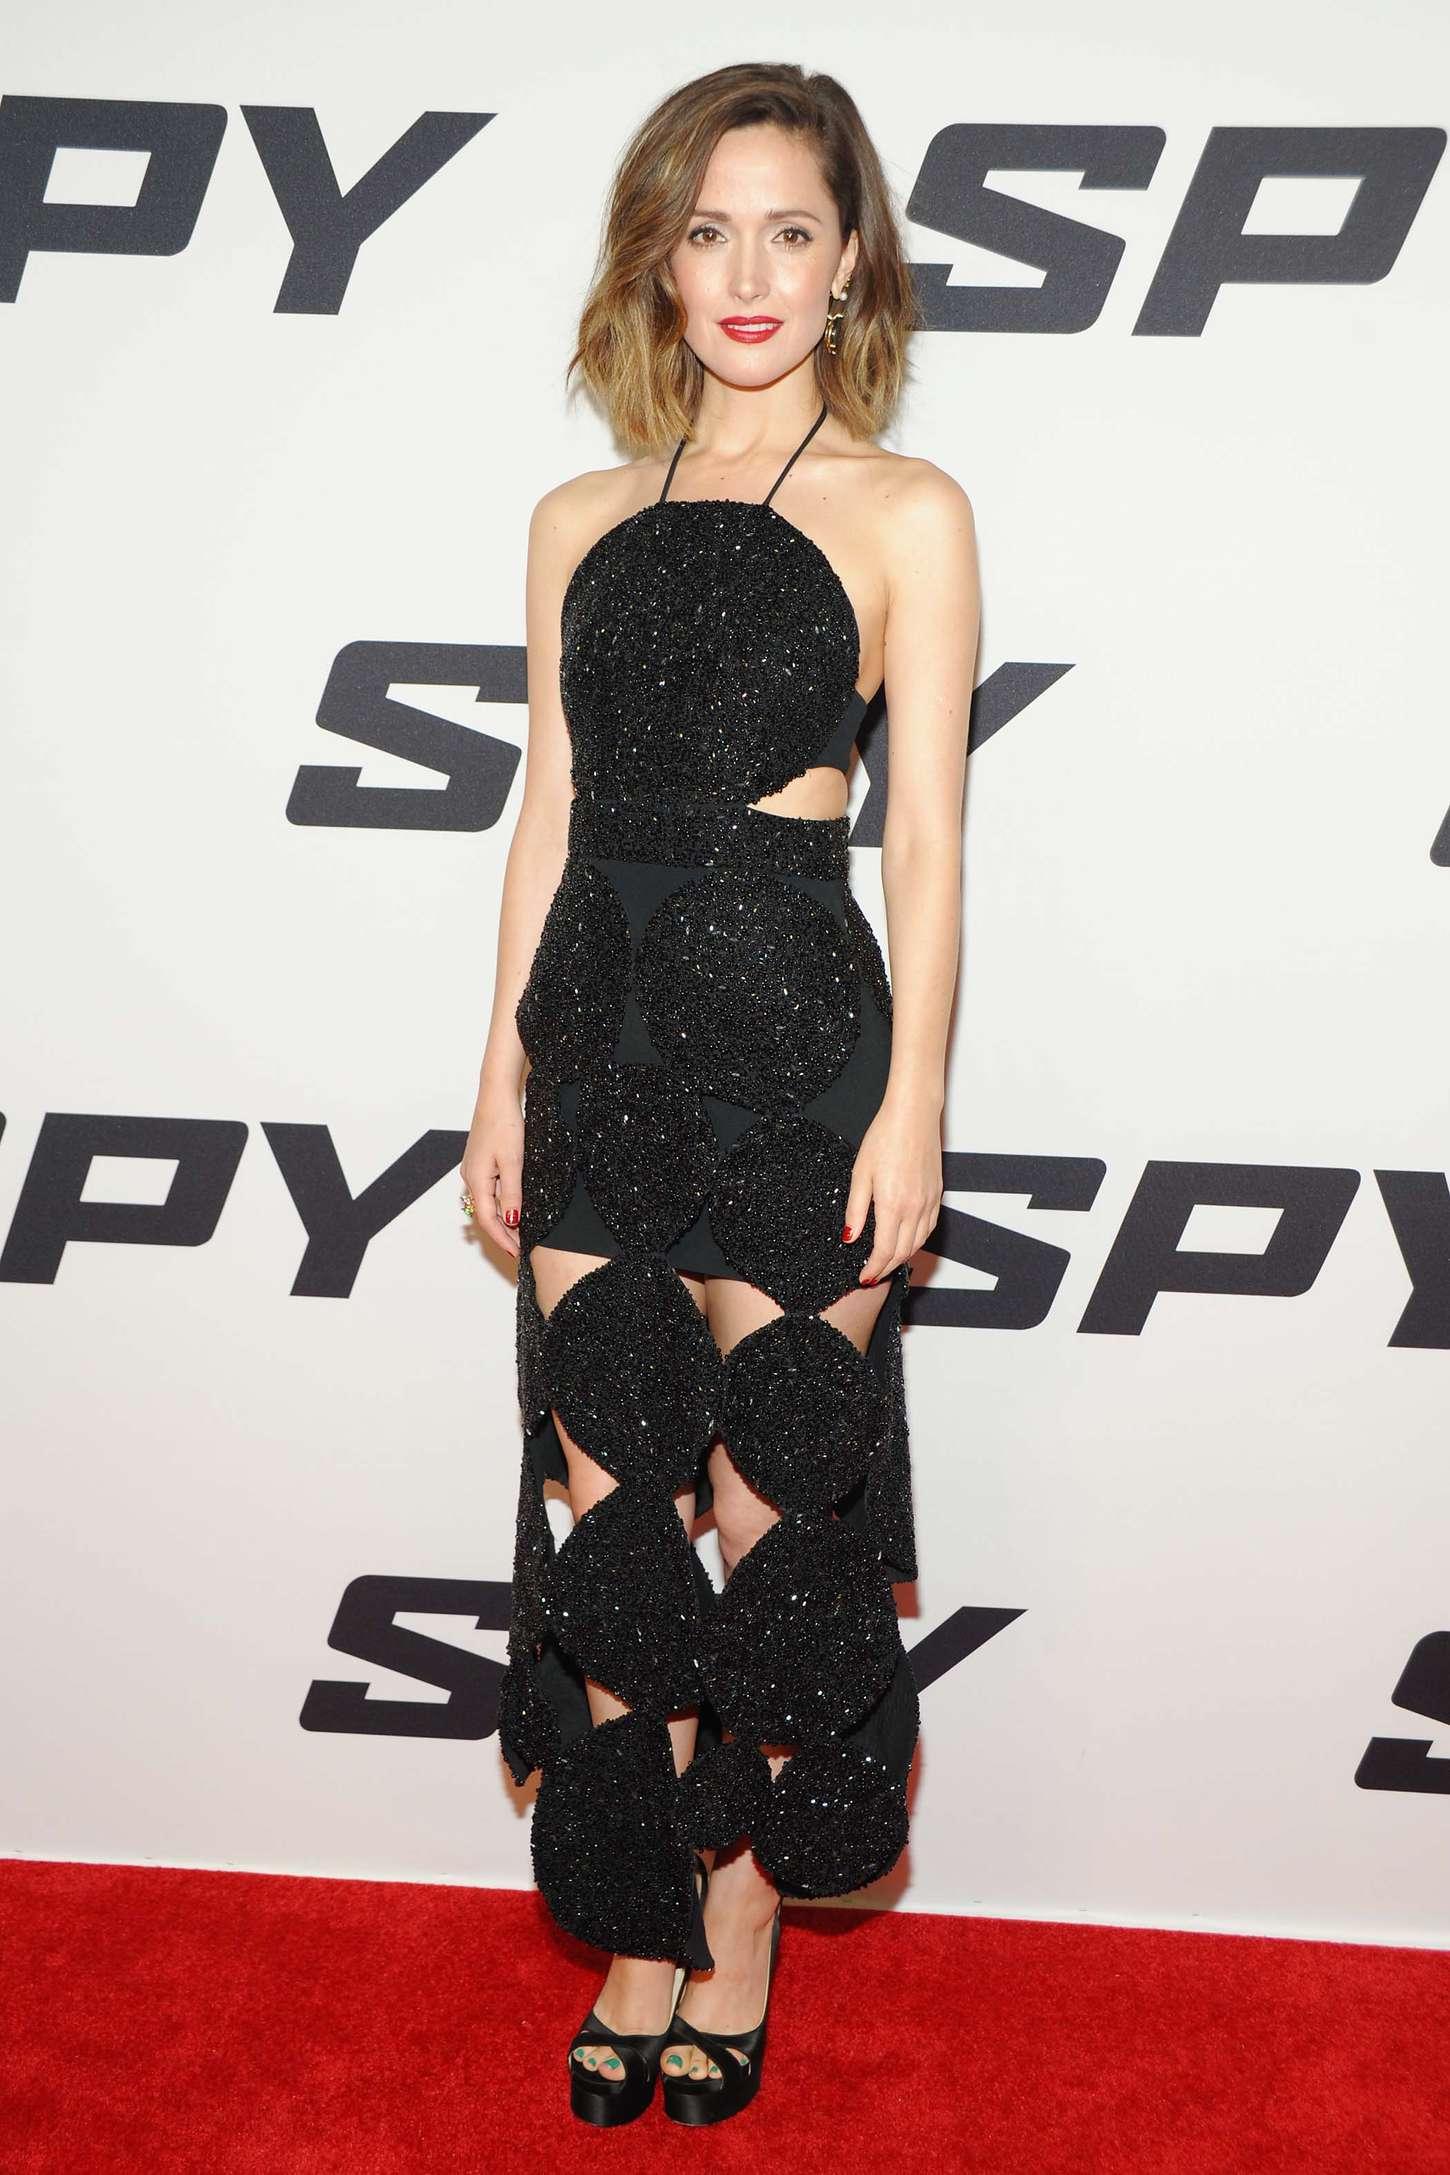 Rose-Byrne--Spy-NY-Premiere--09.jpg